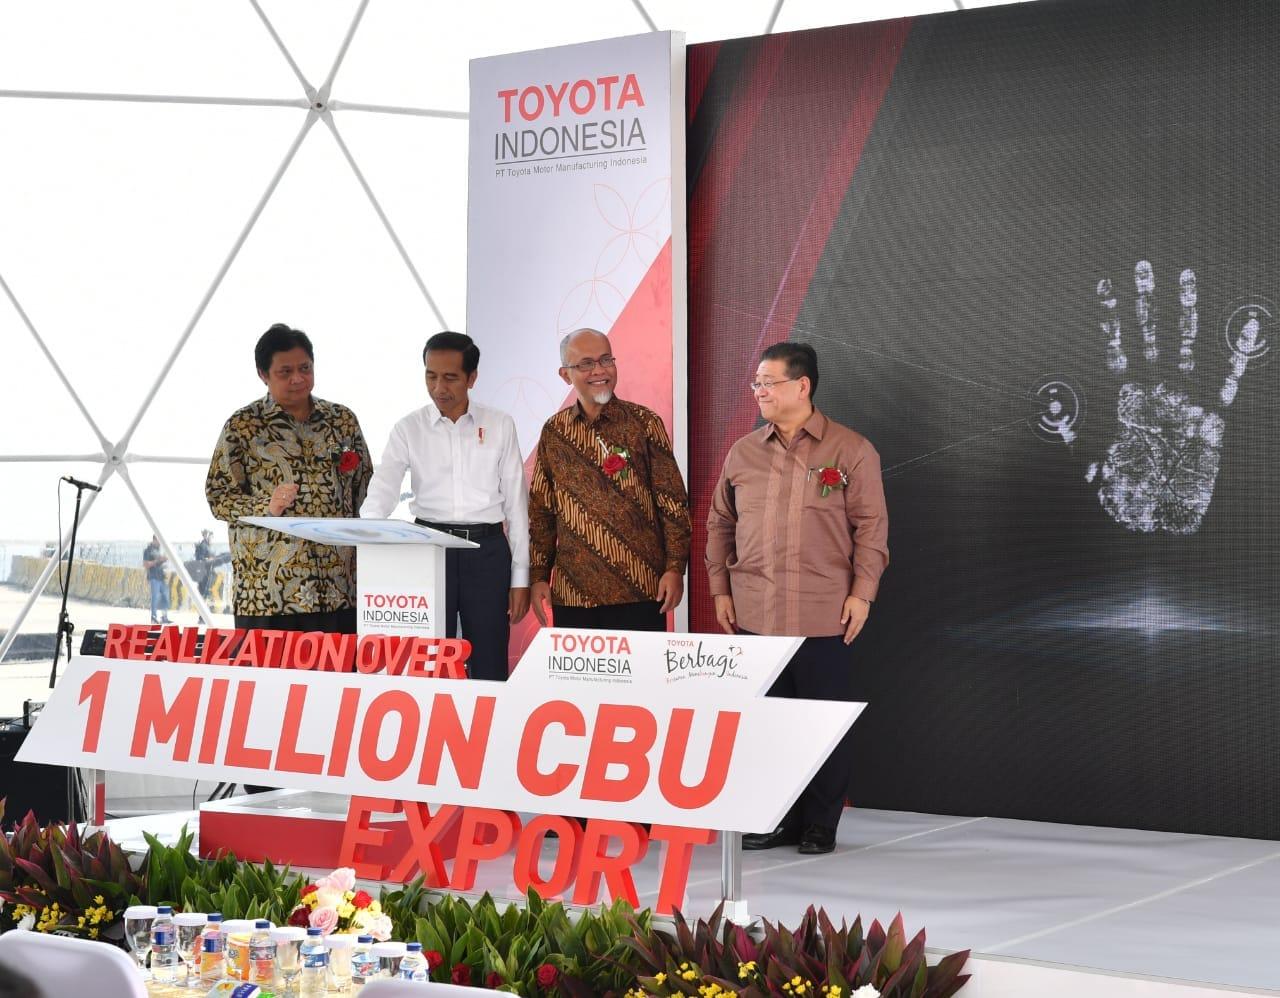 lepas-ekspor-toyota-indonesia-presiden-jokowi-dorong-industri-tingkatkan-ekspor-dan-investasi-15